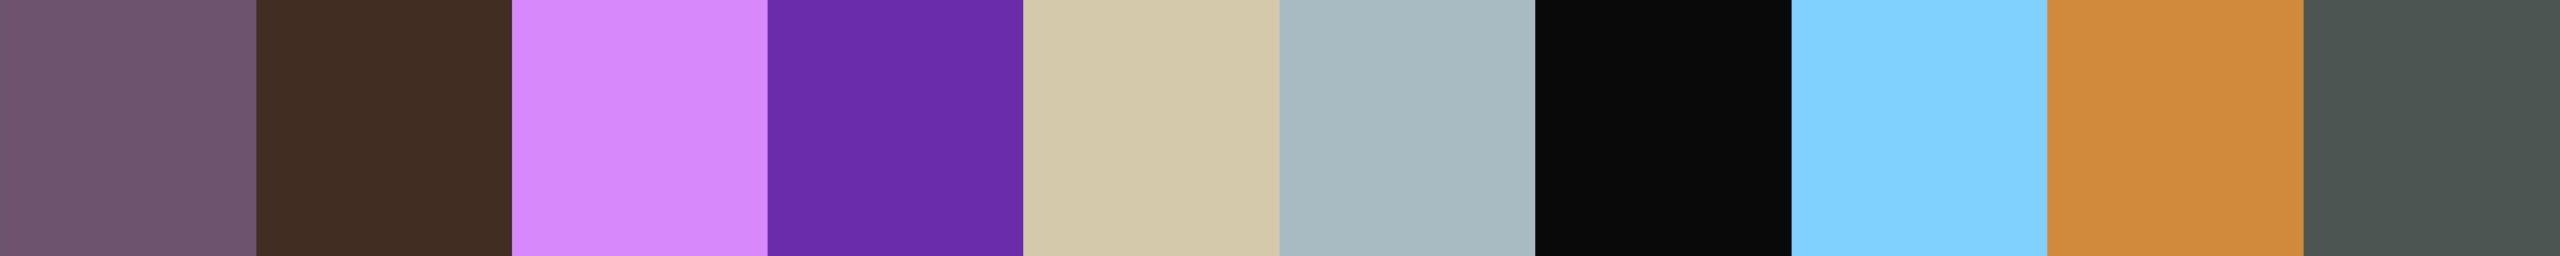 414 Bariapa Color Palette